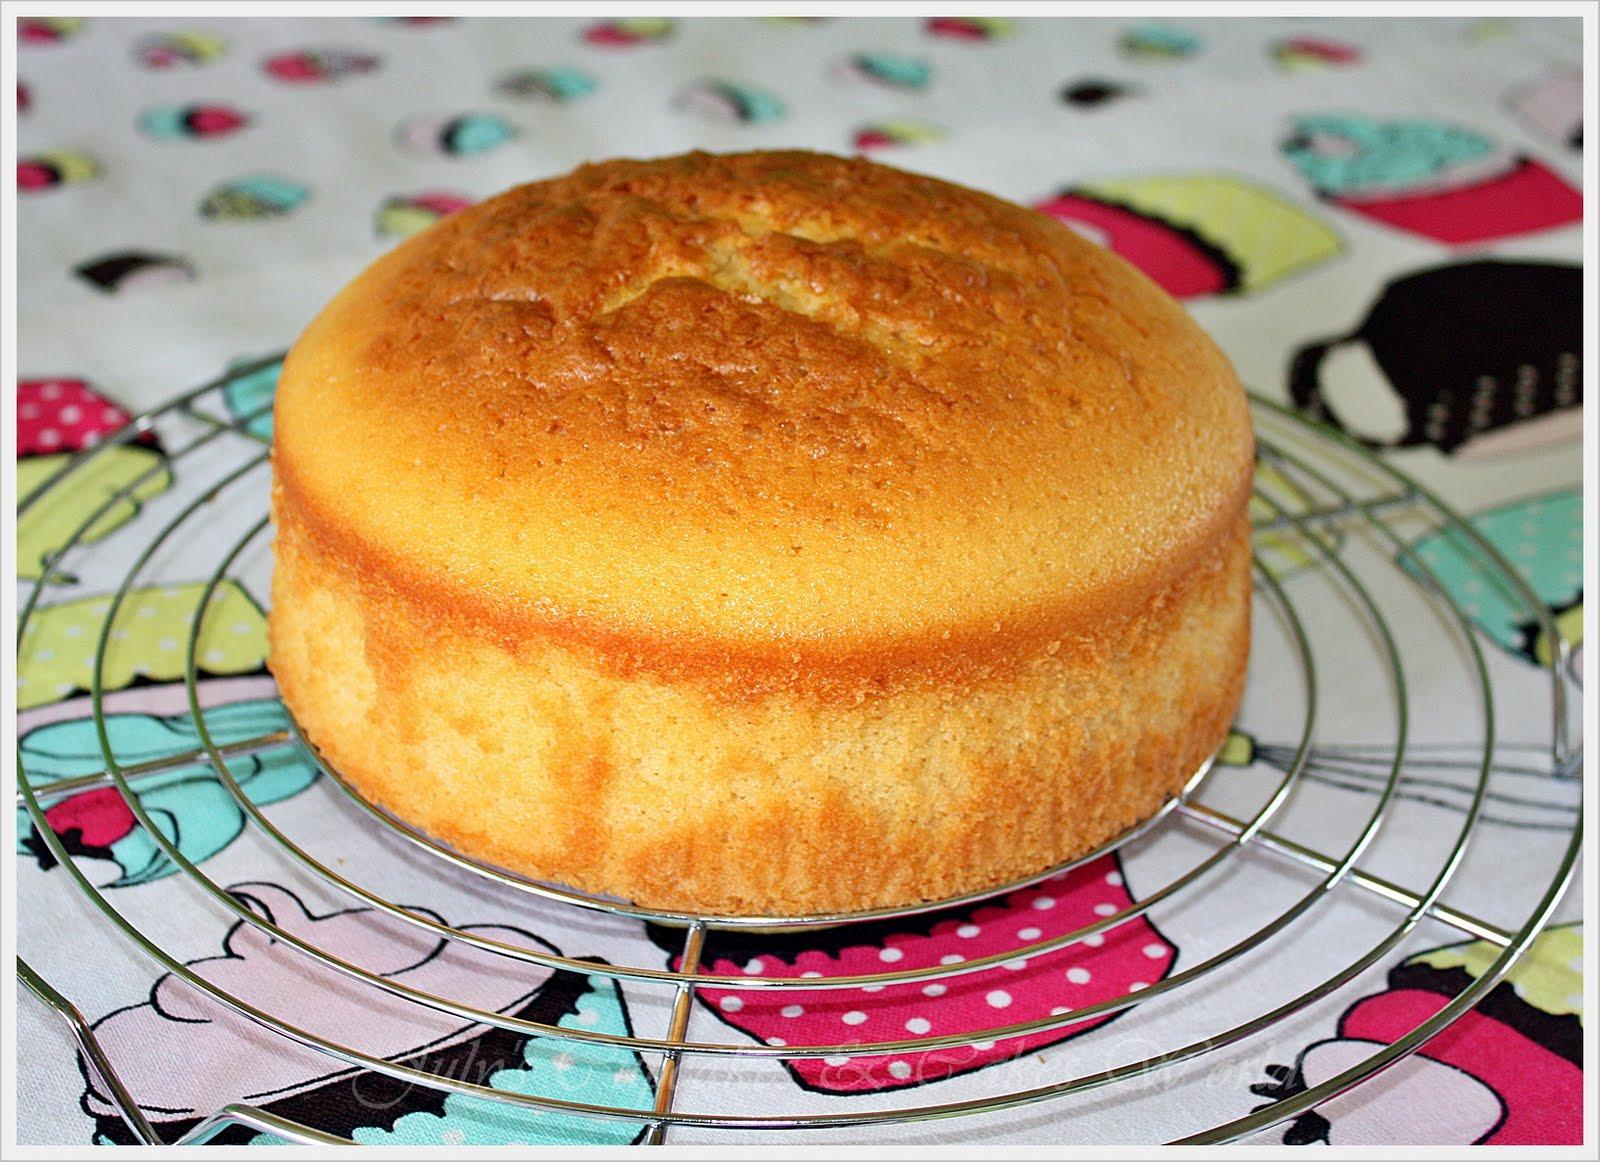 Как сделать мастику для торта - пошаговый рецепт 55